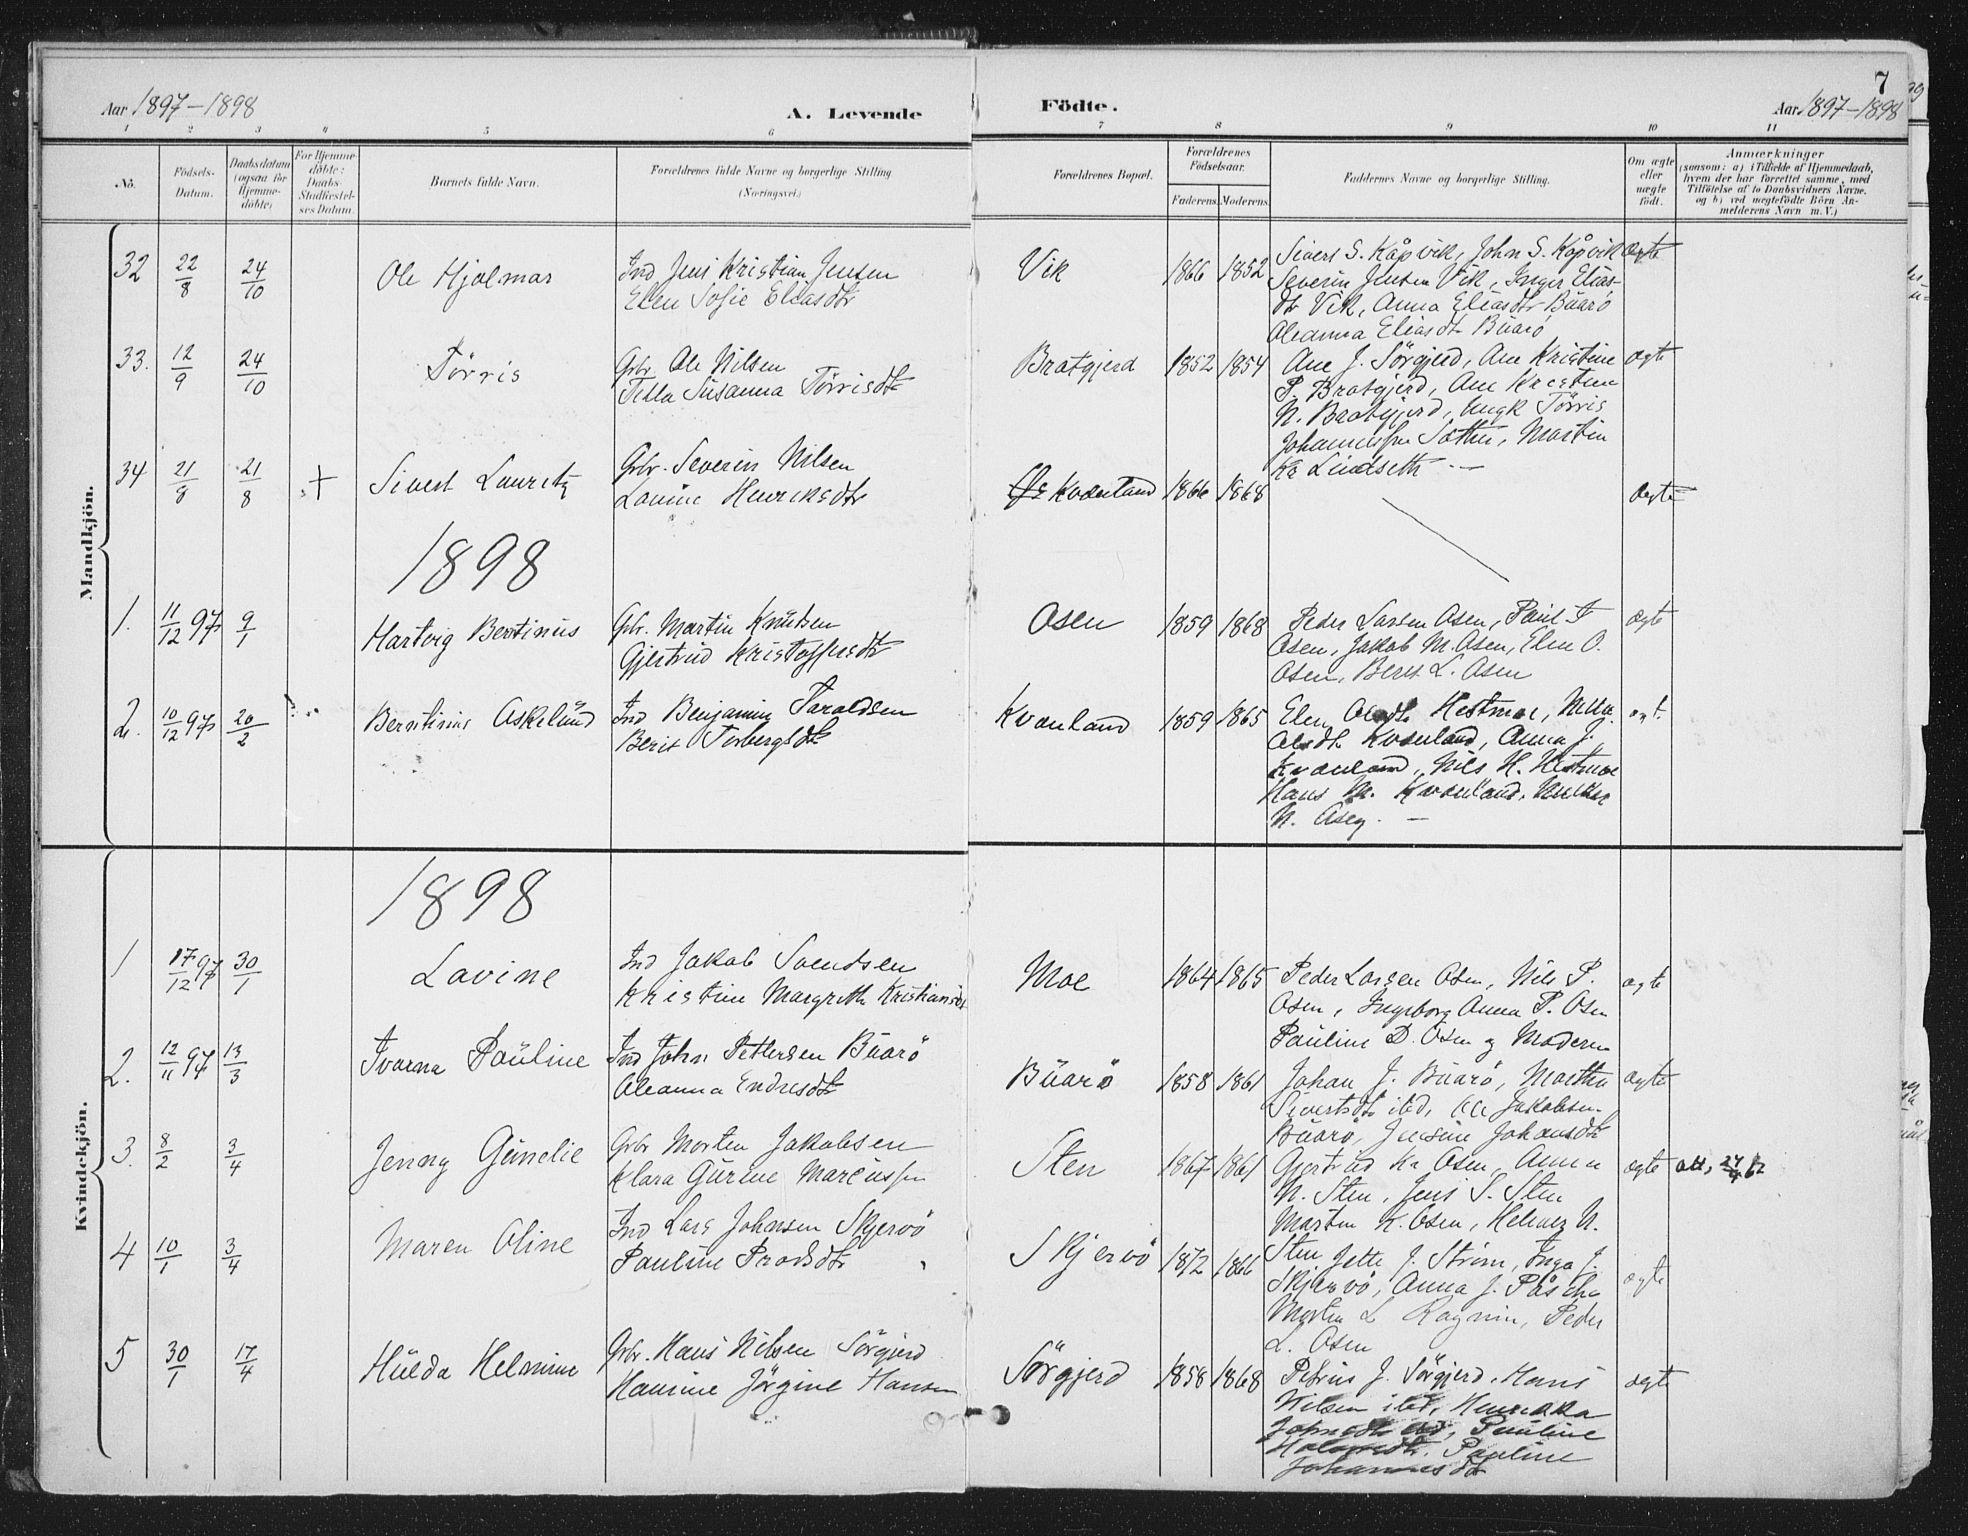 SAT, Ministerialprotokoller, klokkerbøker og fødselsregistre - Sør-Trøndelag, 658/L0723: Ministerialbok nr. 658A02, 1897-1912, s. 7